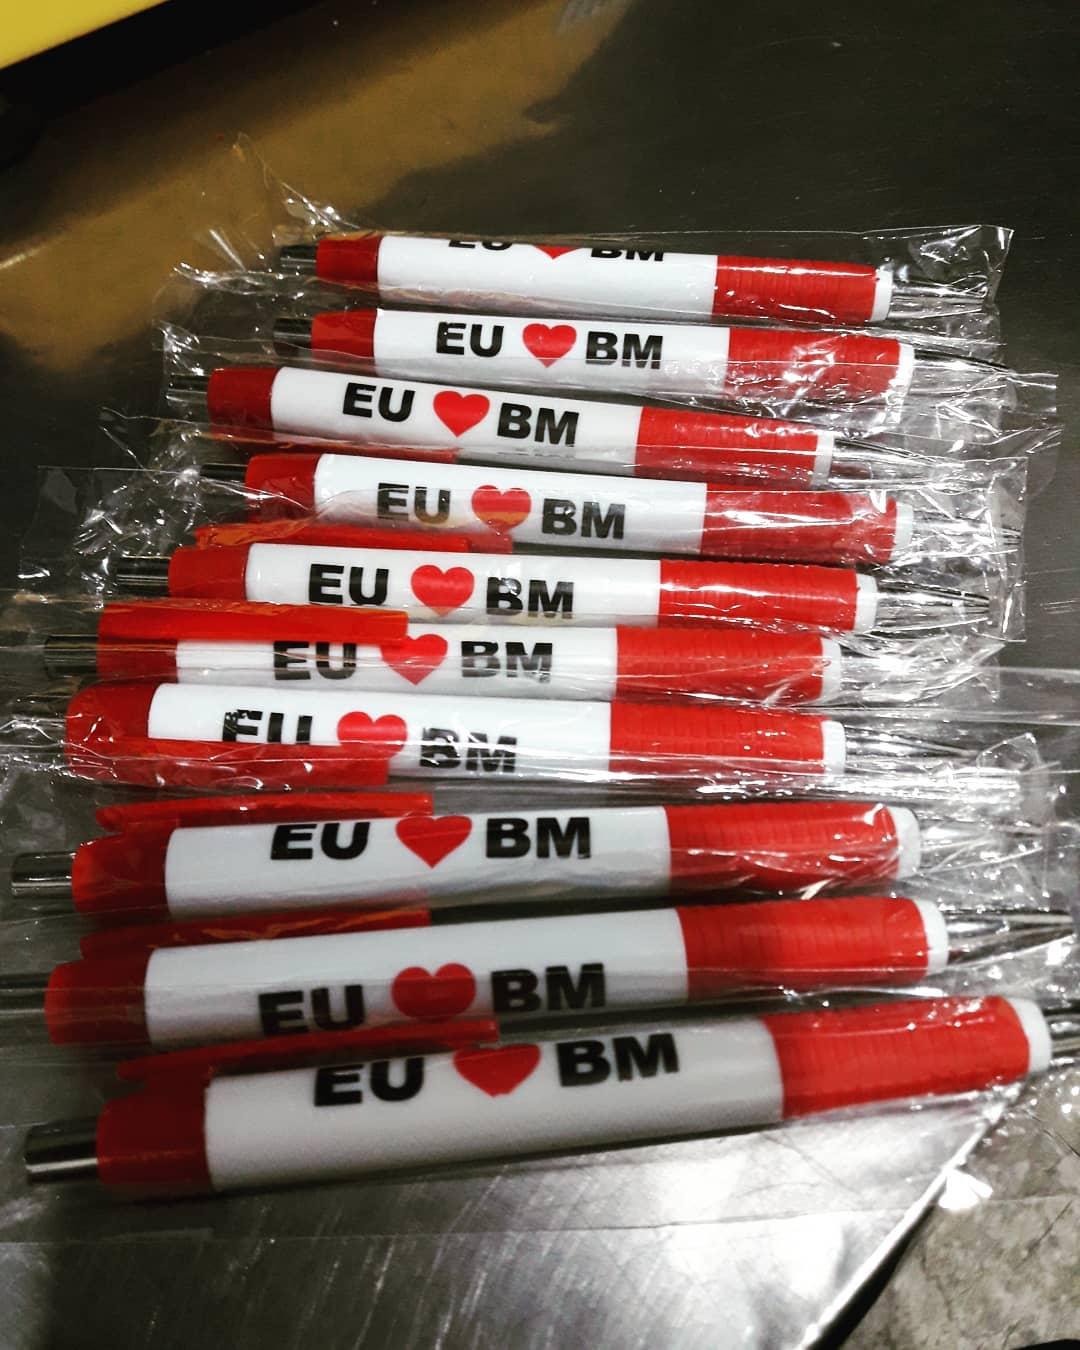 Canecas de Alumínio Personalizadas em Barra Mansa RJ - BUNITA